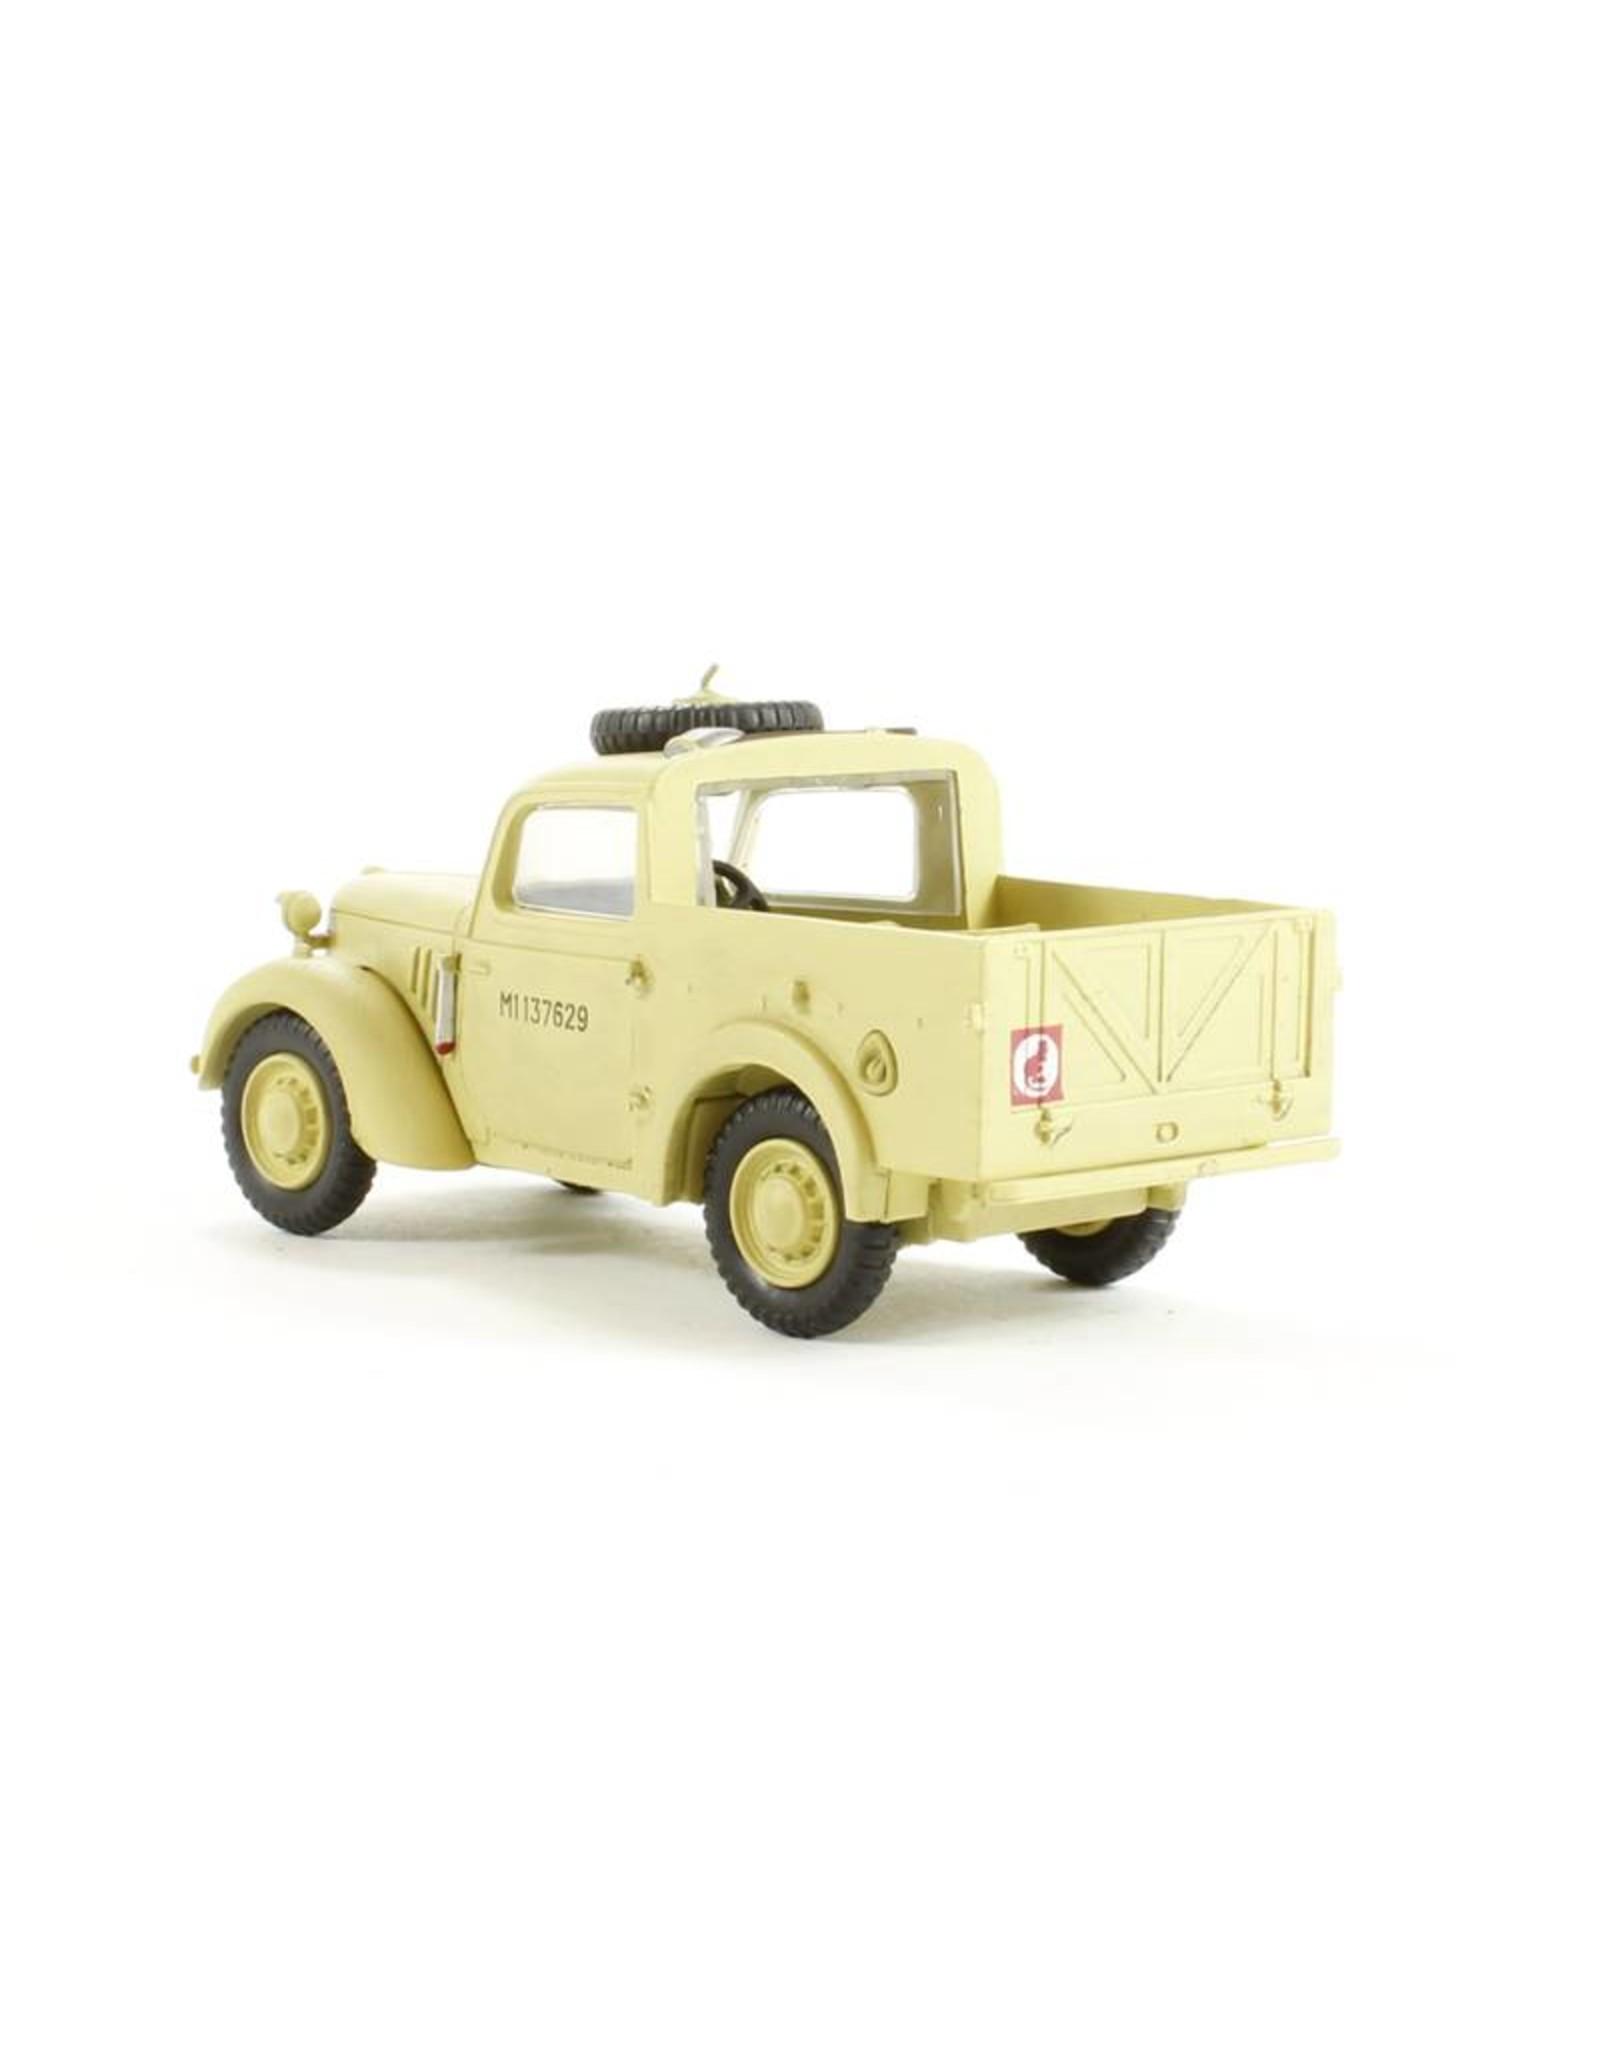 British Light Utility Car British Light Utility Car Tilly M1137629 North Africa - 1:48 - Hobbymaster